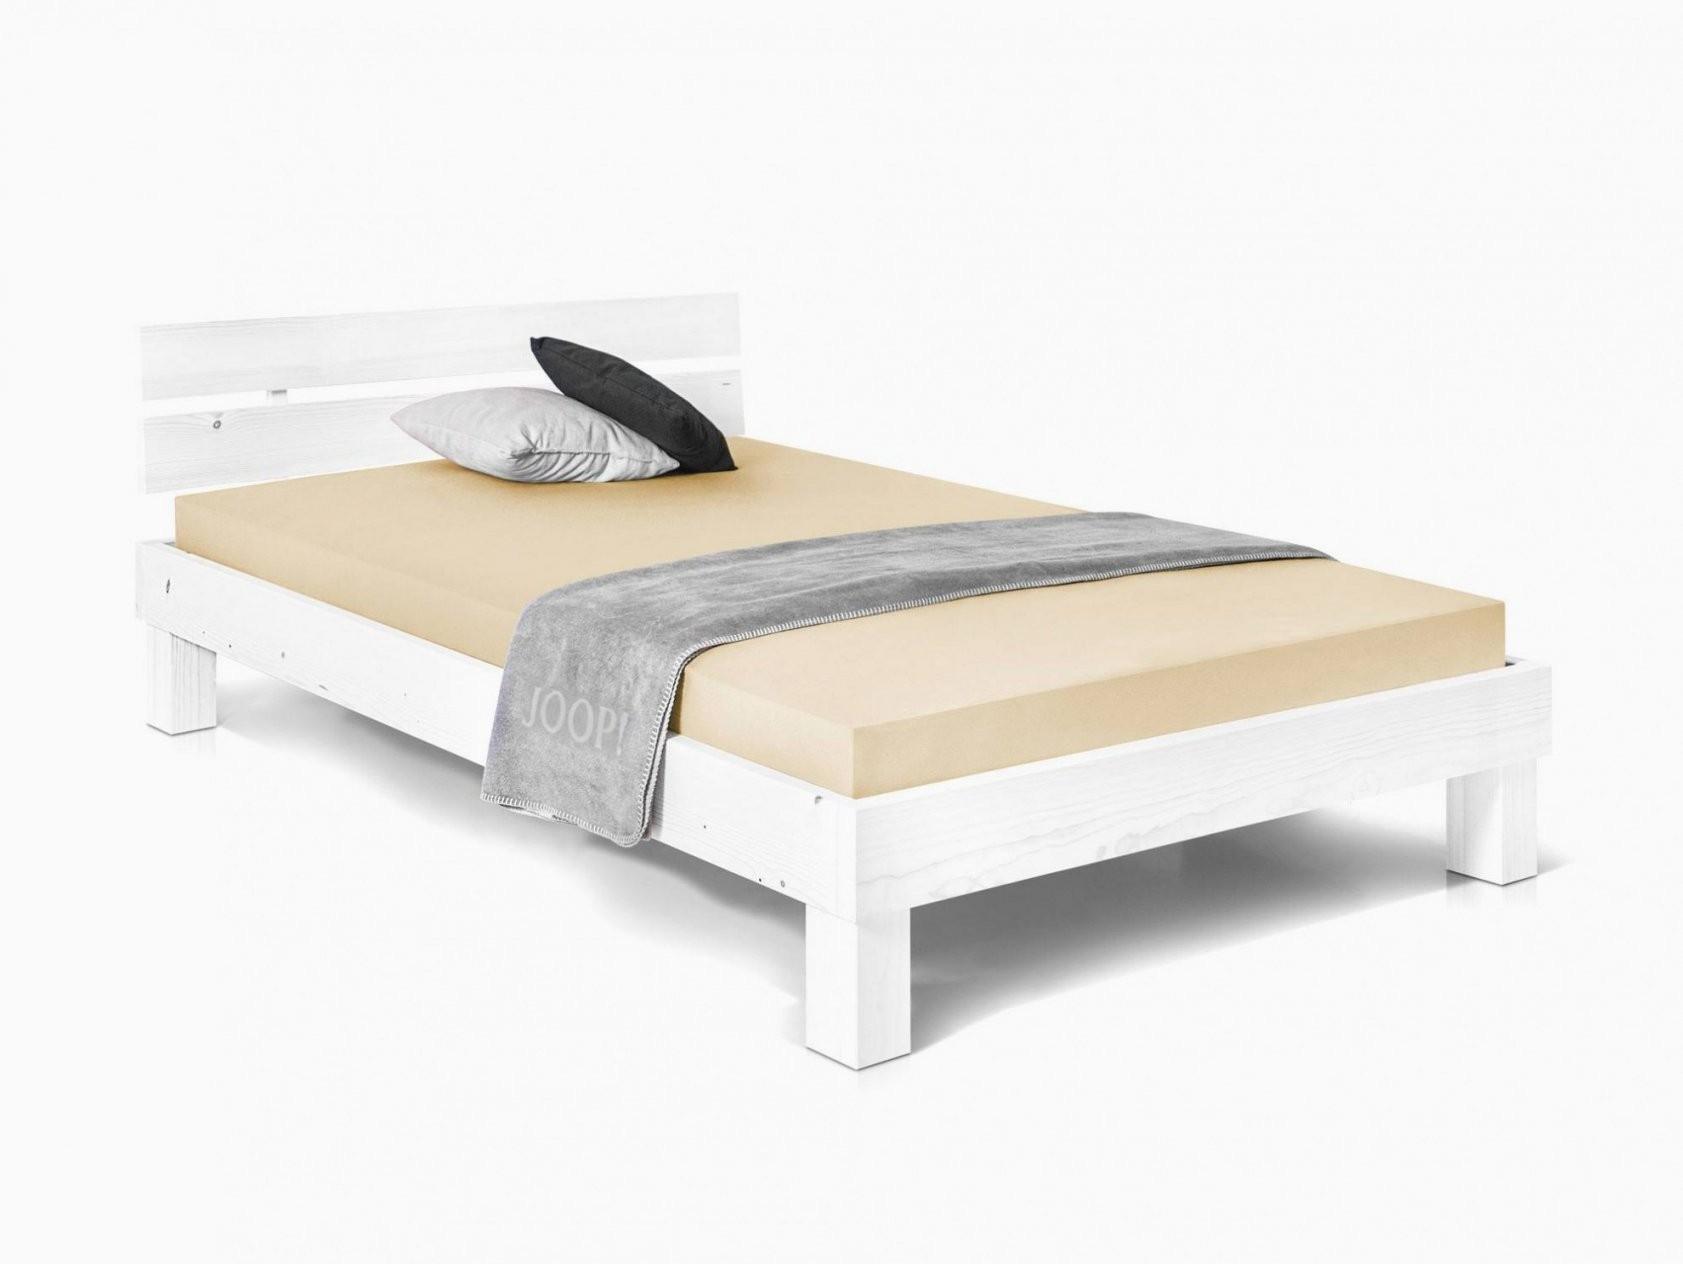 Bett 120X200 Gebraucht Raffiniert Bett 120 X 200 — Vianova Project von Bett 120X200 Gebraucht Bild